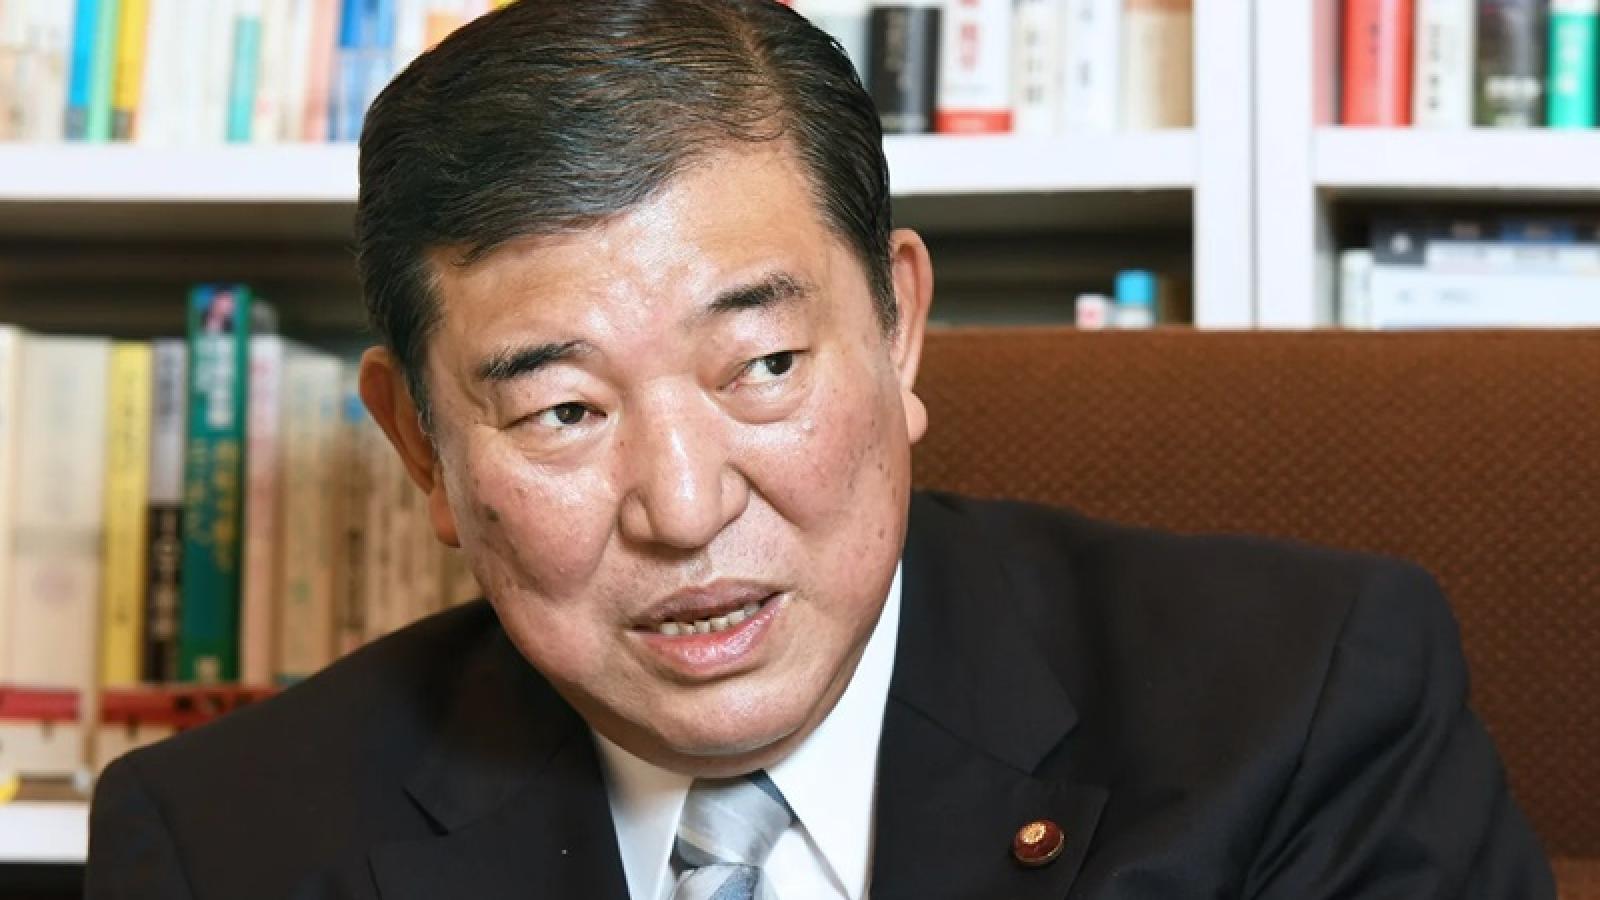 Hôm nay (14/9), Nhật Bản bầu thủ tướng mới